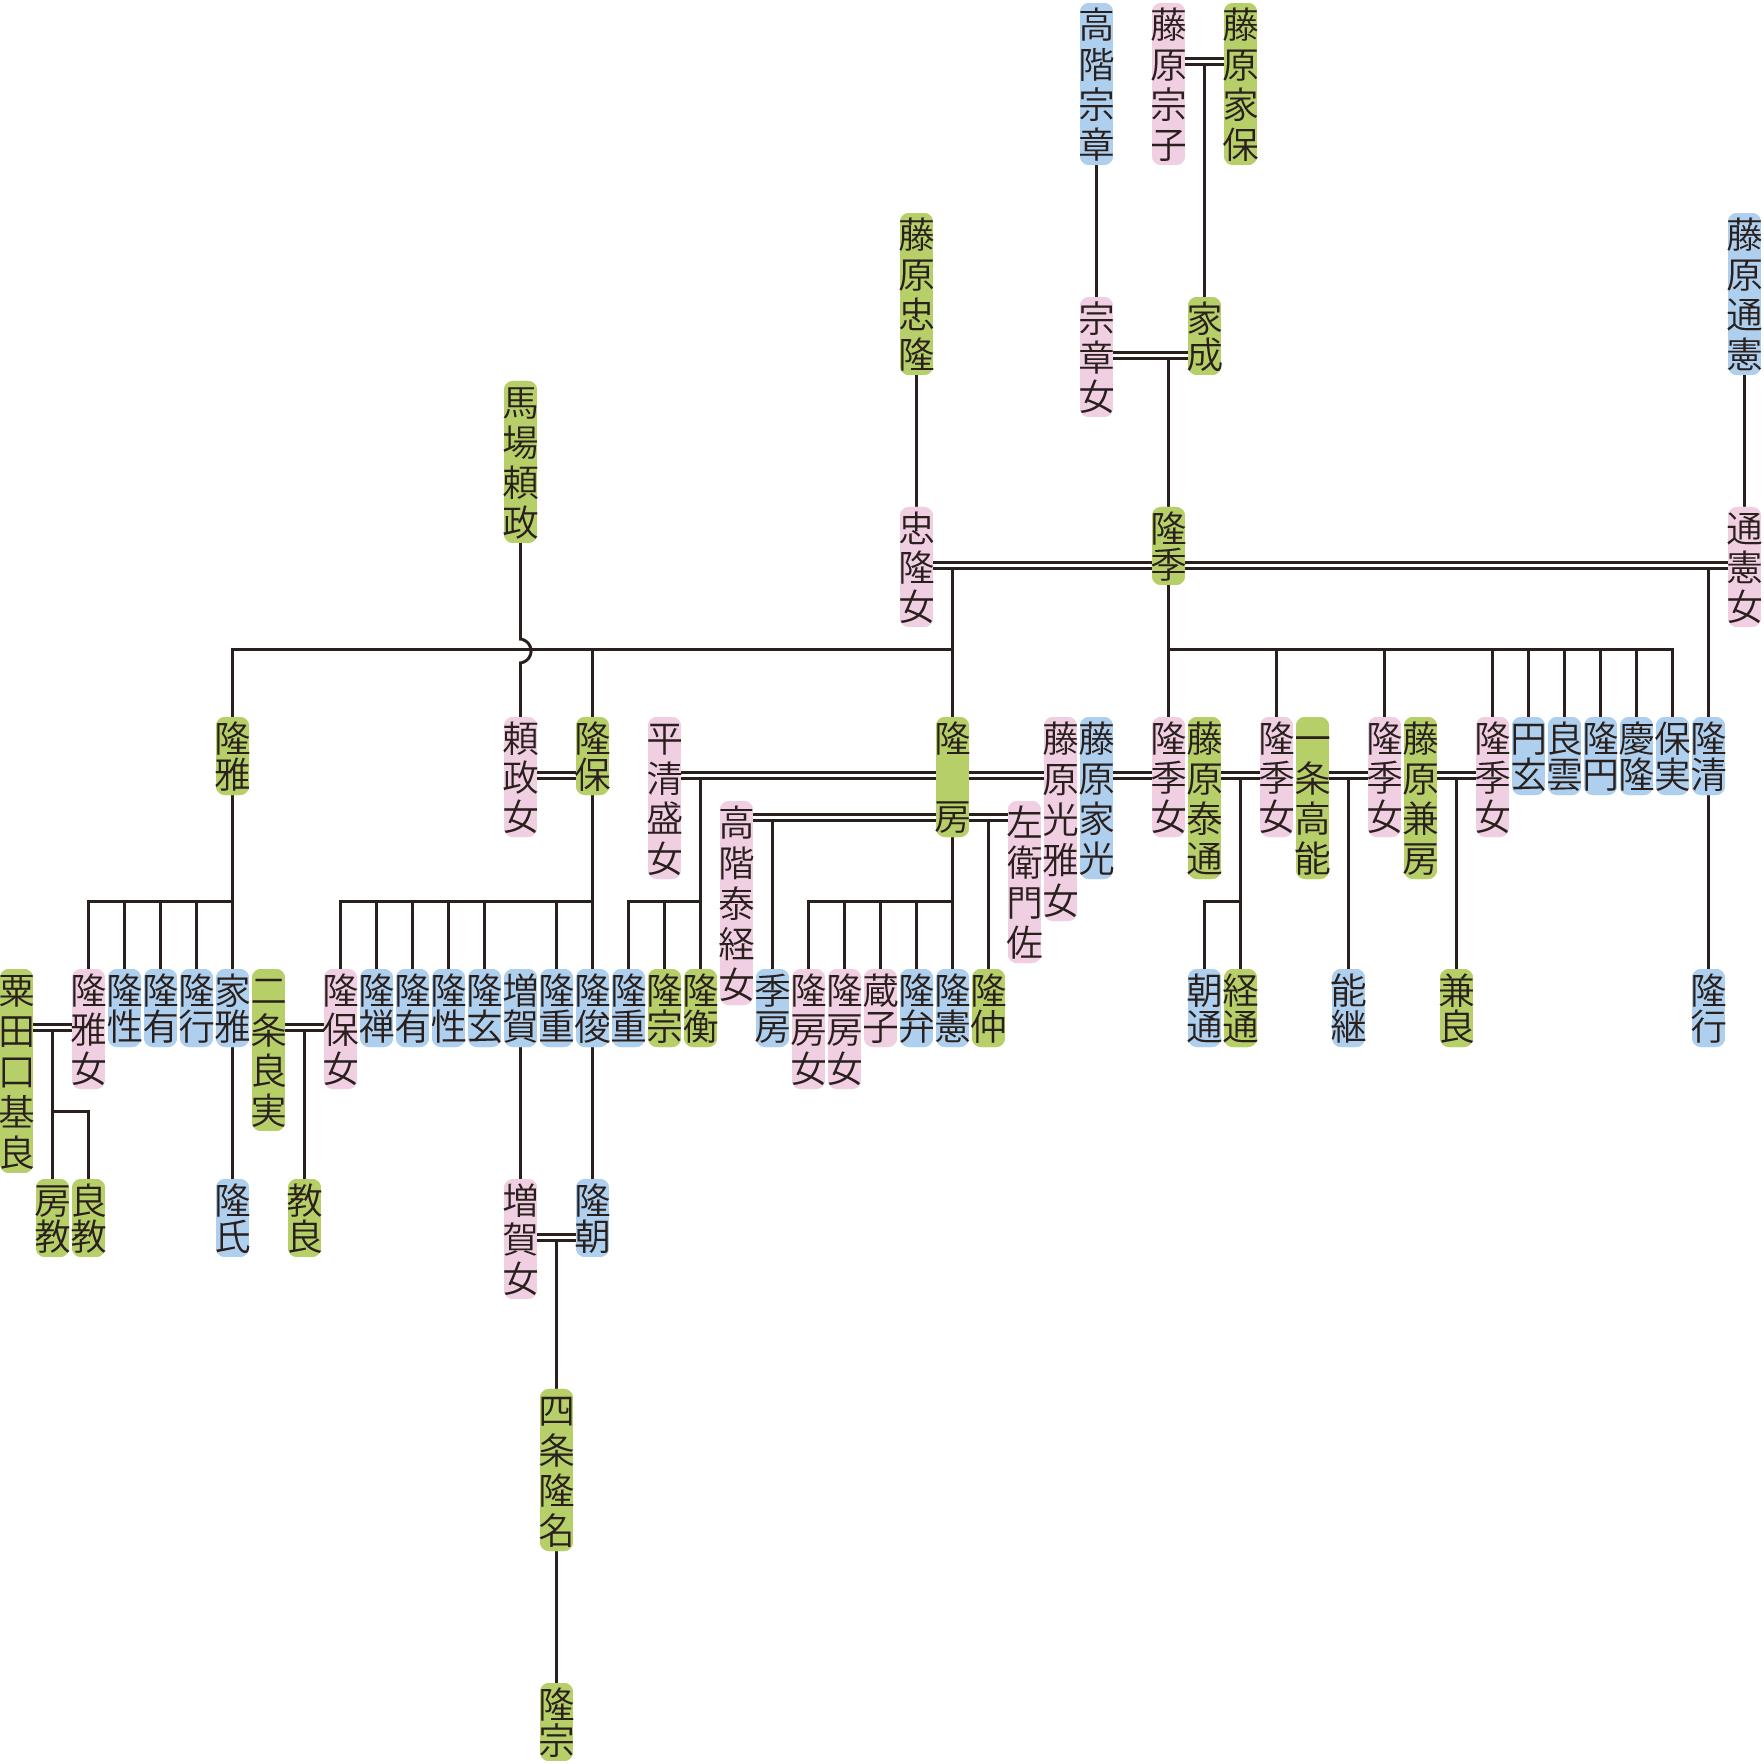 藤原隆季の系図